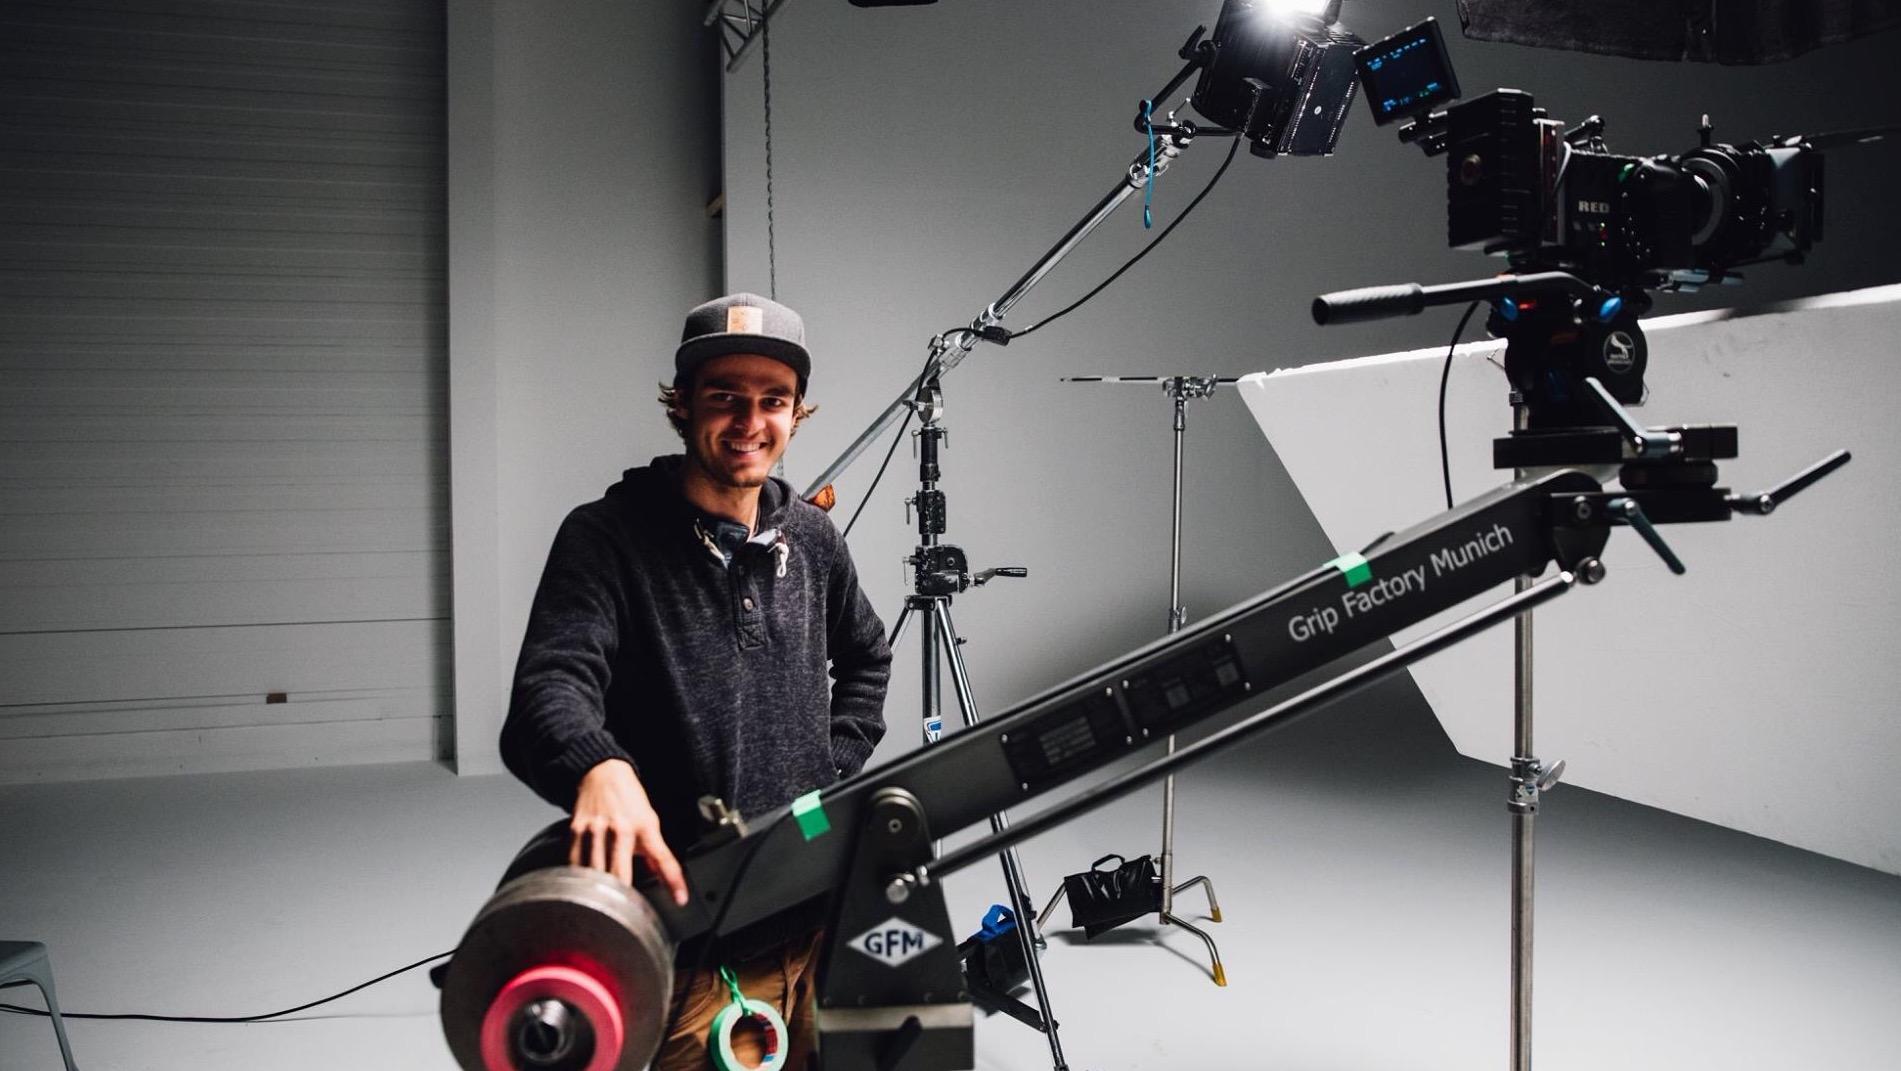 Filmproduktion-in-München2.jpg